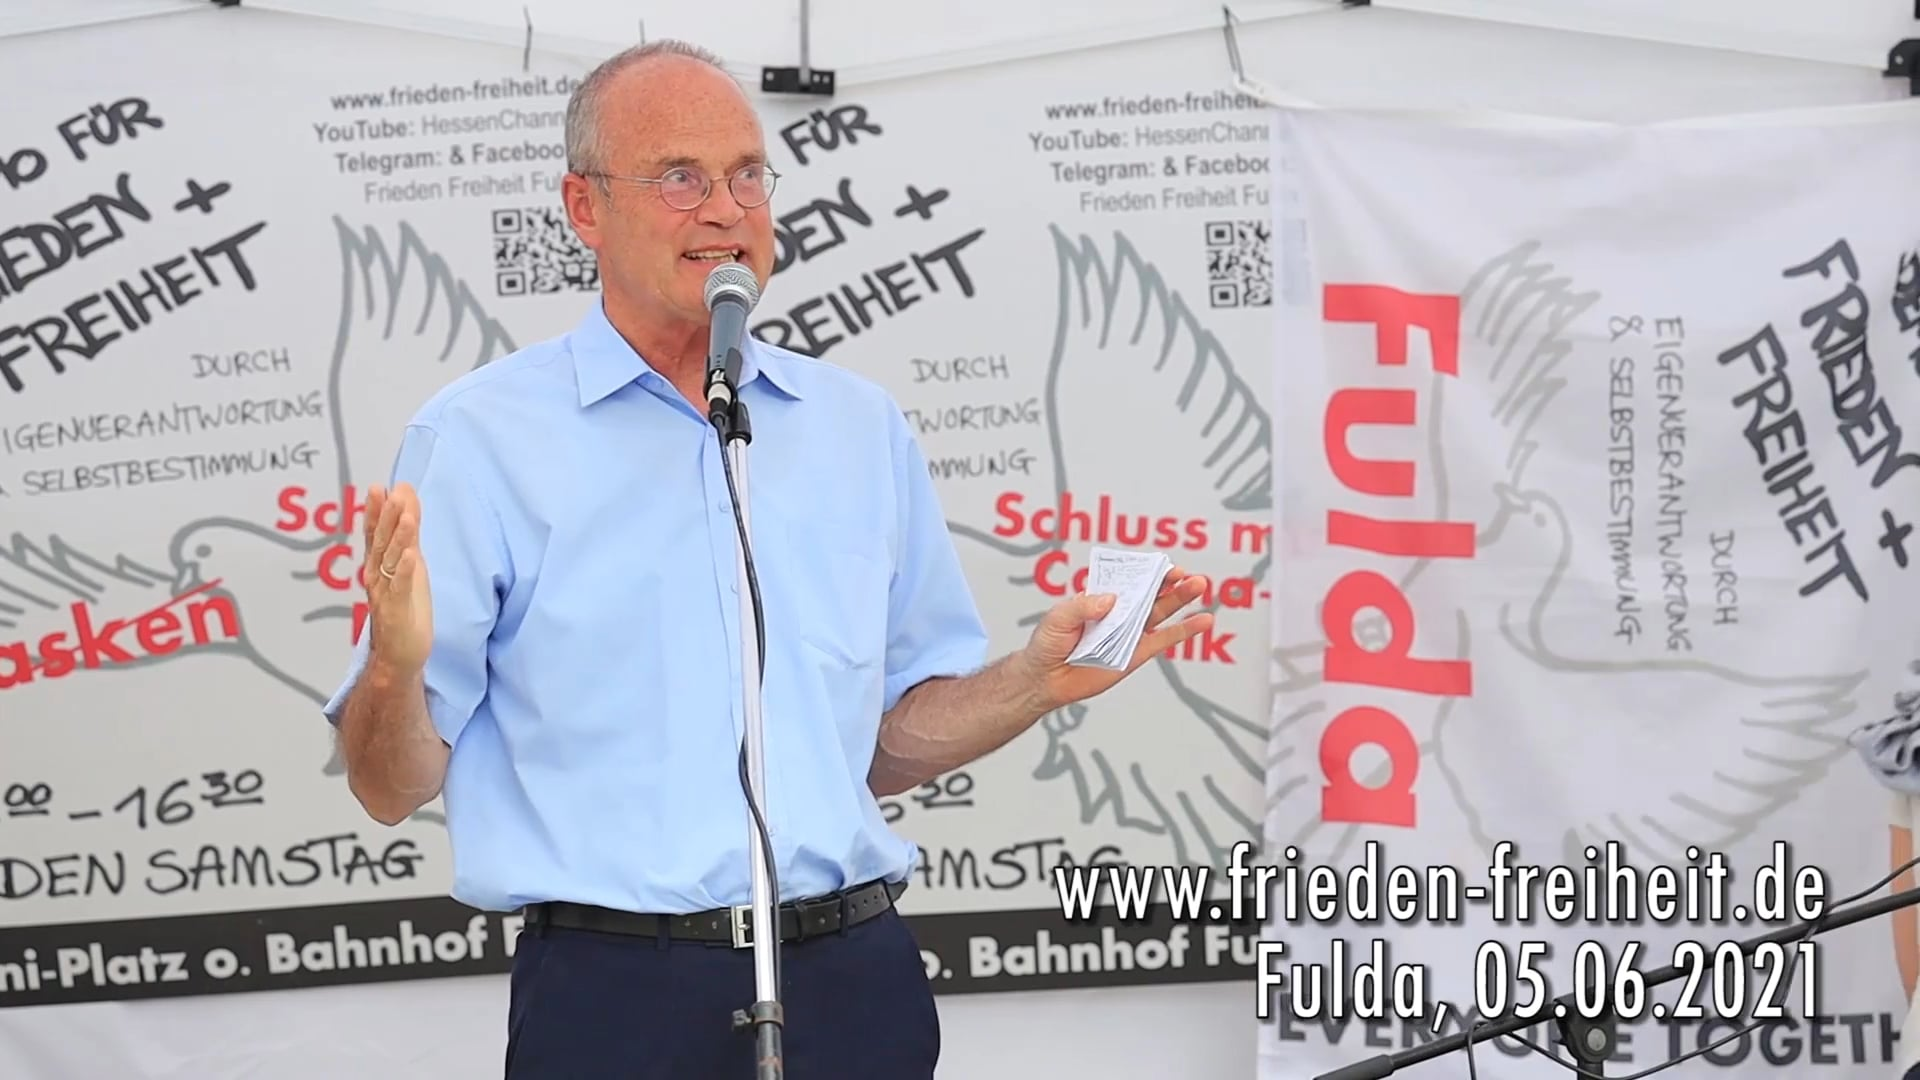 Demo für Frieden und Freiheit Fulda:Dr Daniel Langhans